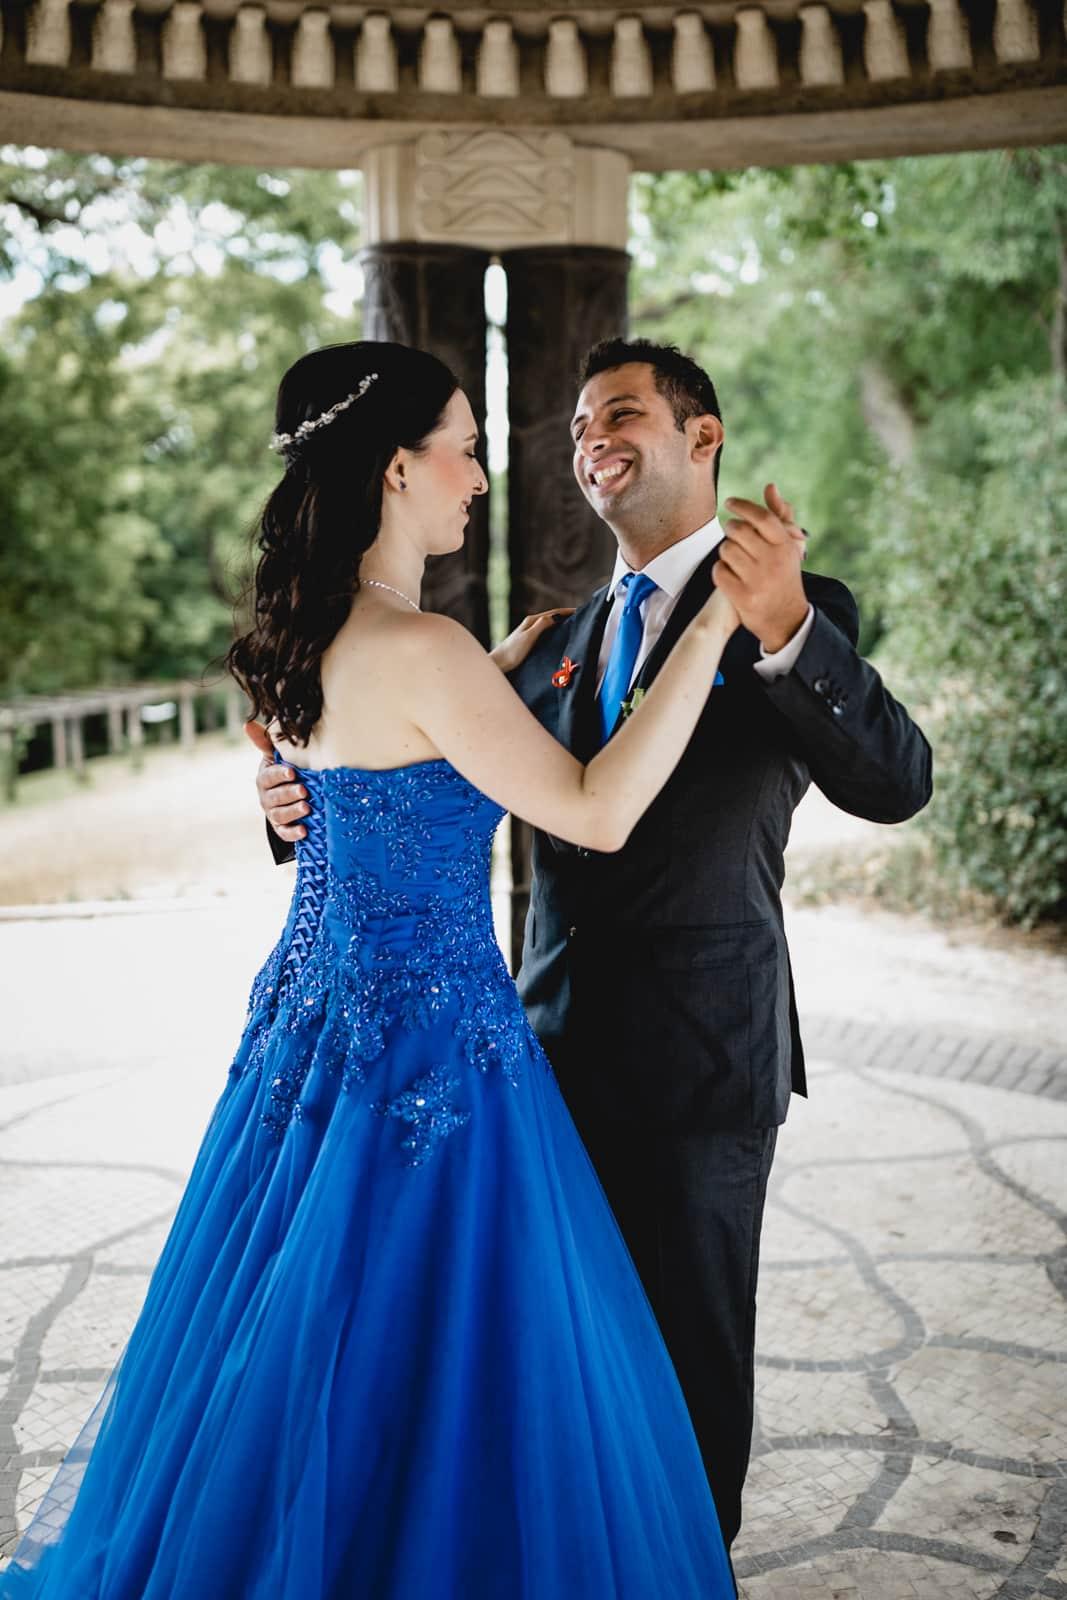 Bräutigam tanzt mit seiner Braut und lacht